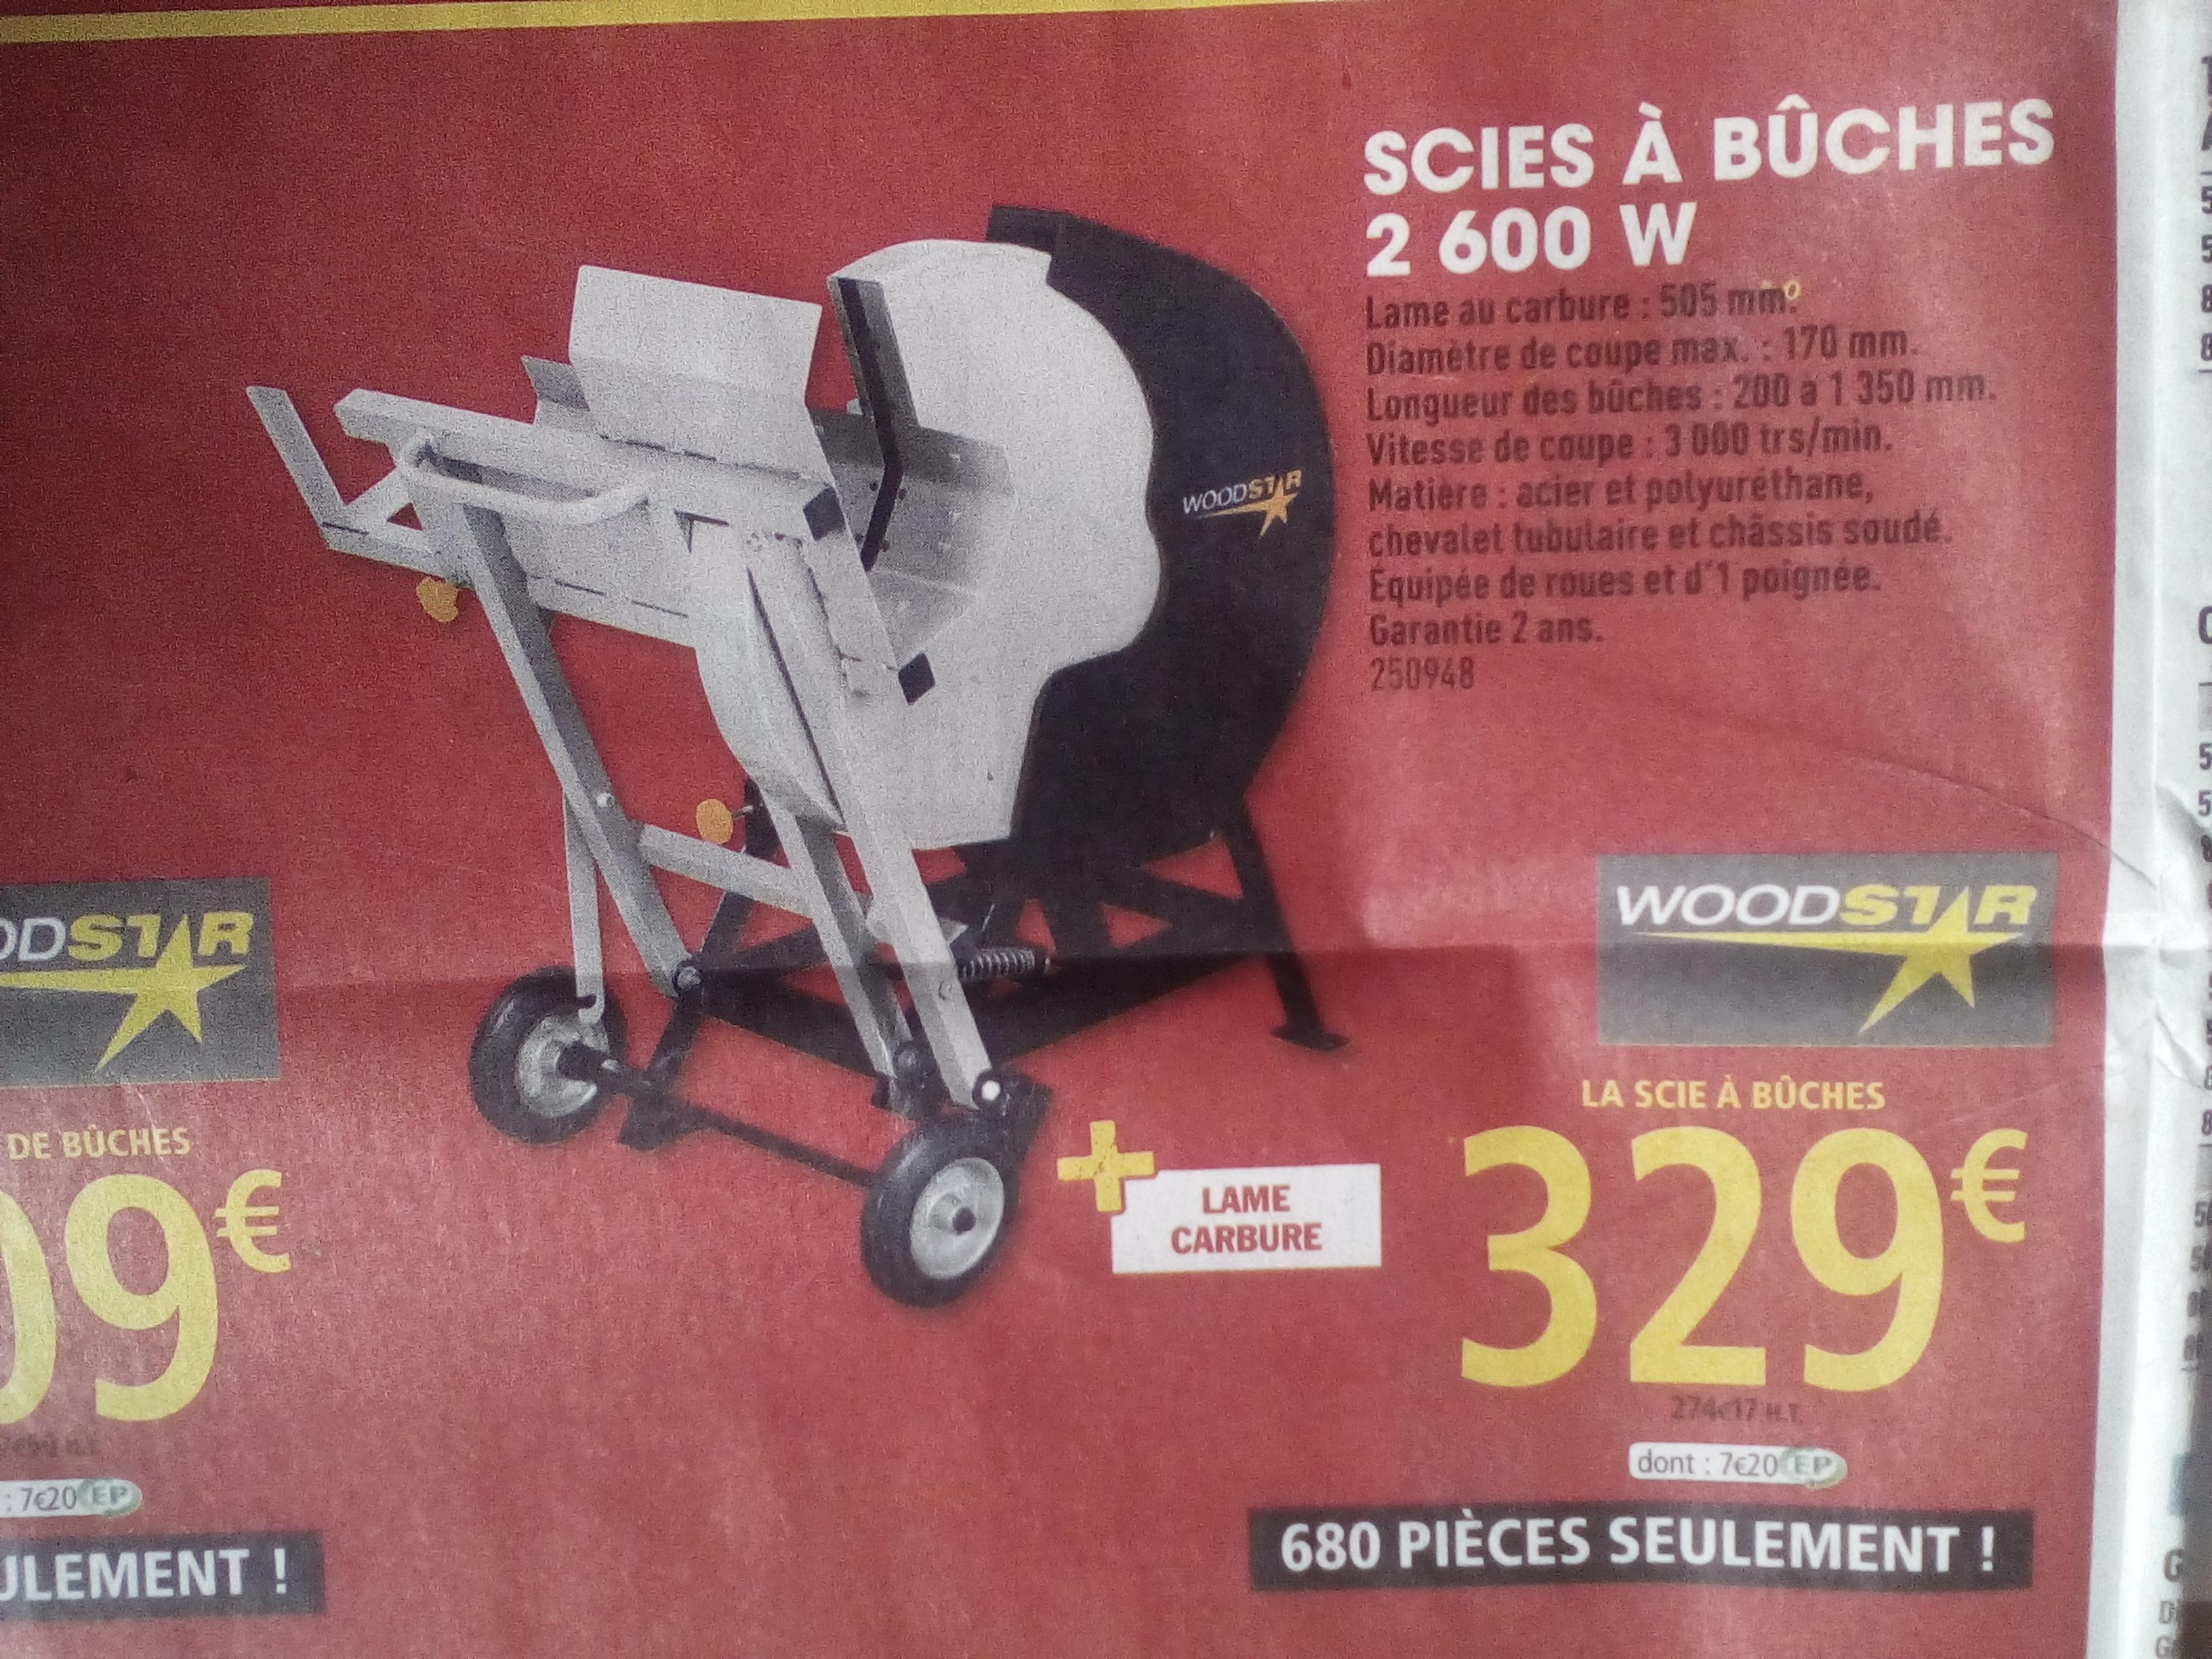 Scie à bûches 2600W Woodstar